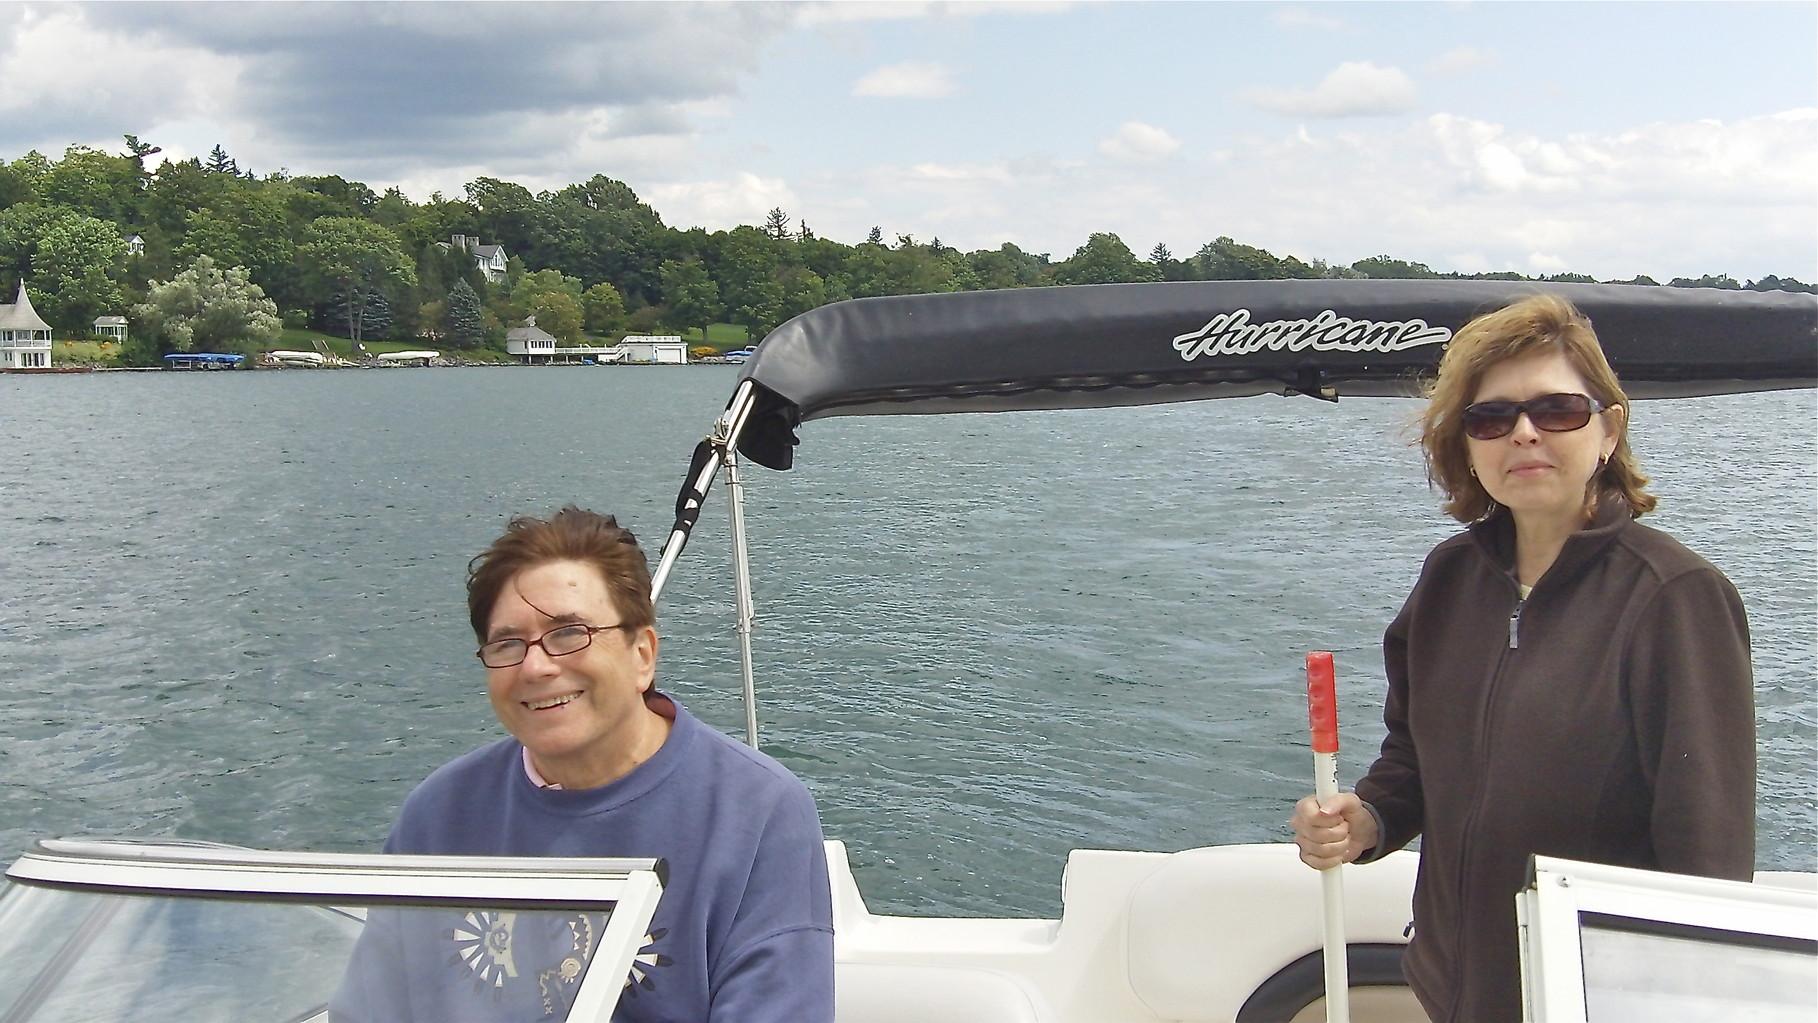 John Wagner & Barbara Lohse